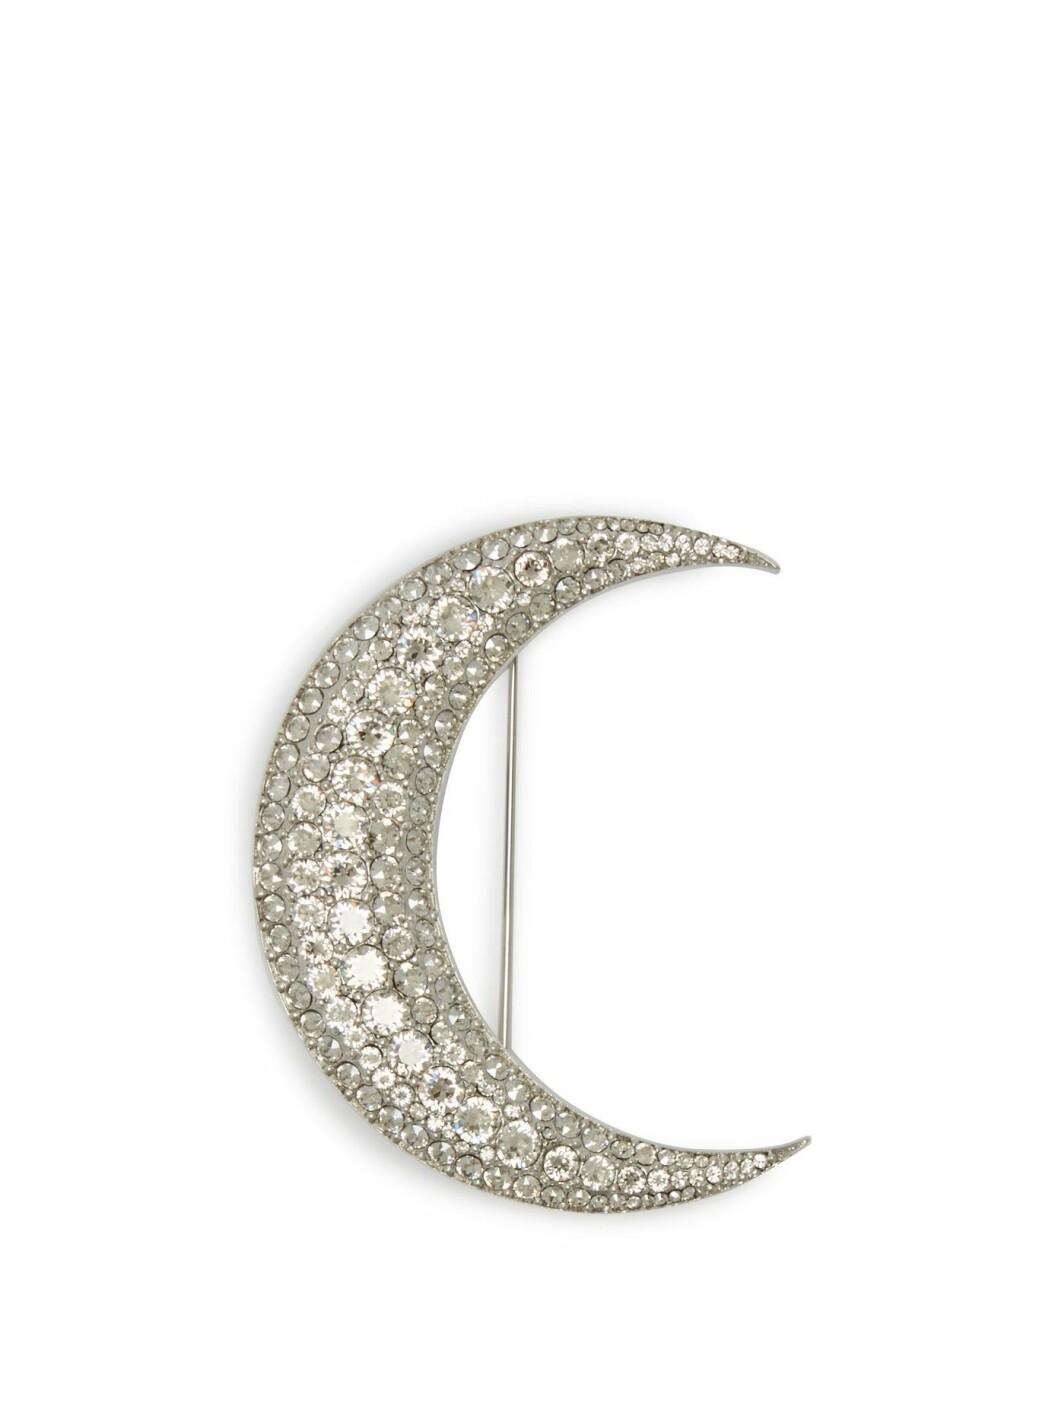 Brosch från Isabel Marant inspirerad av månen och stjärnorna.